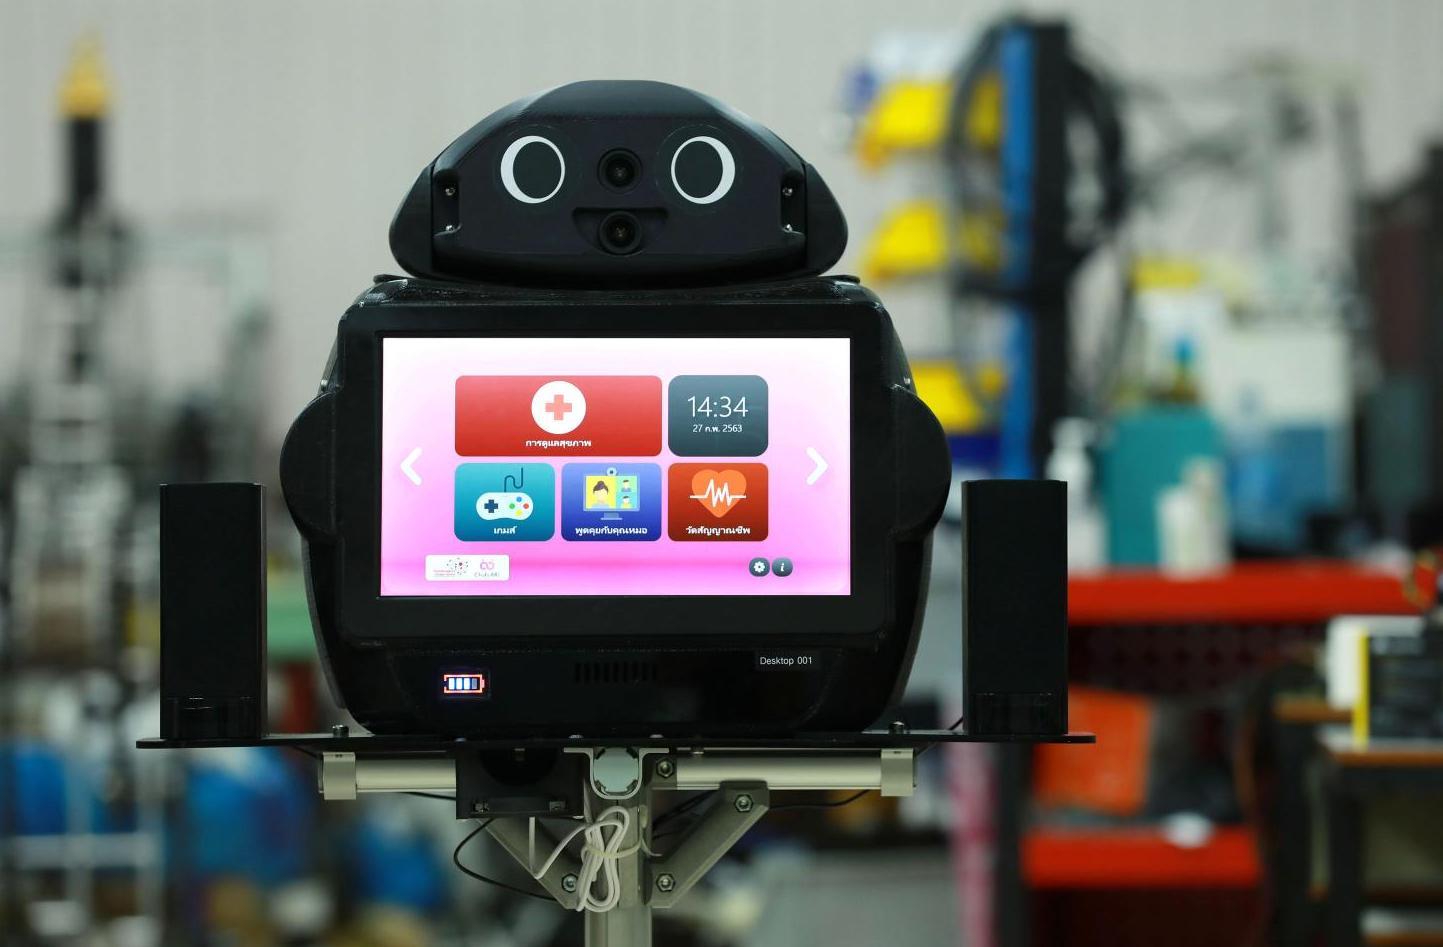 Китайські компанії розробили роботів для того, щоб виявляти у людей коронавірус